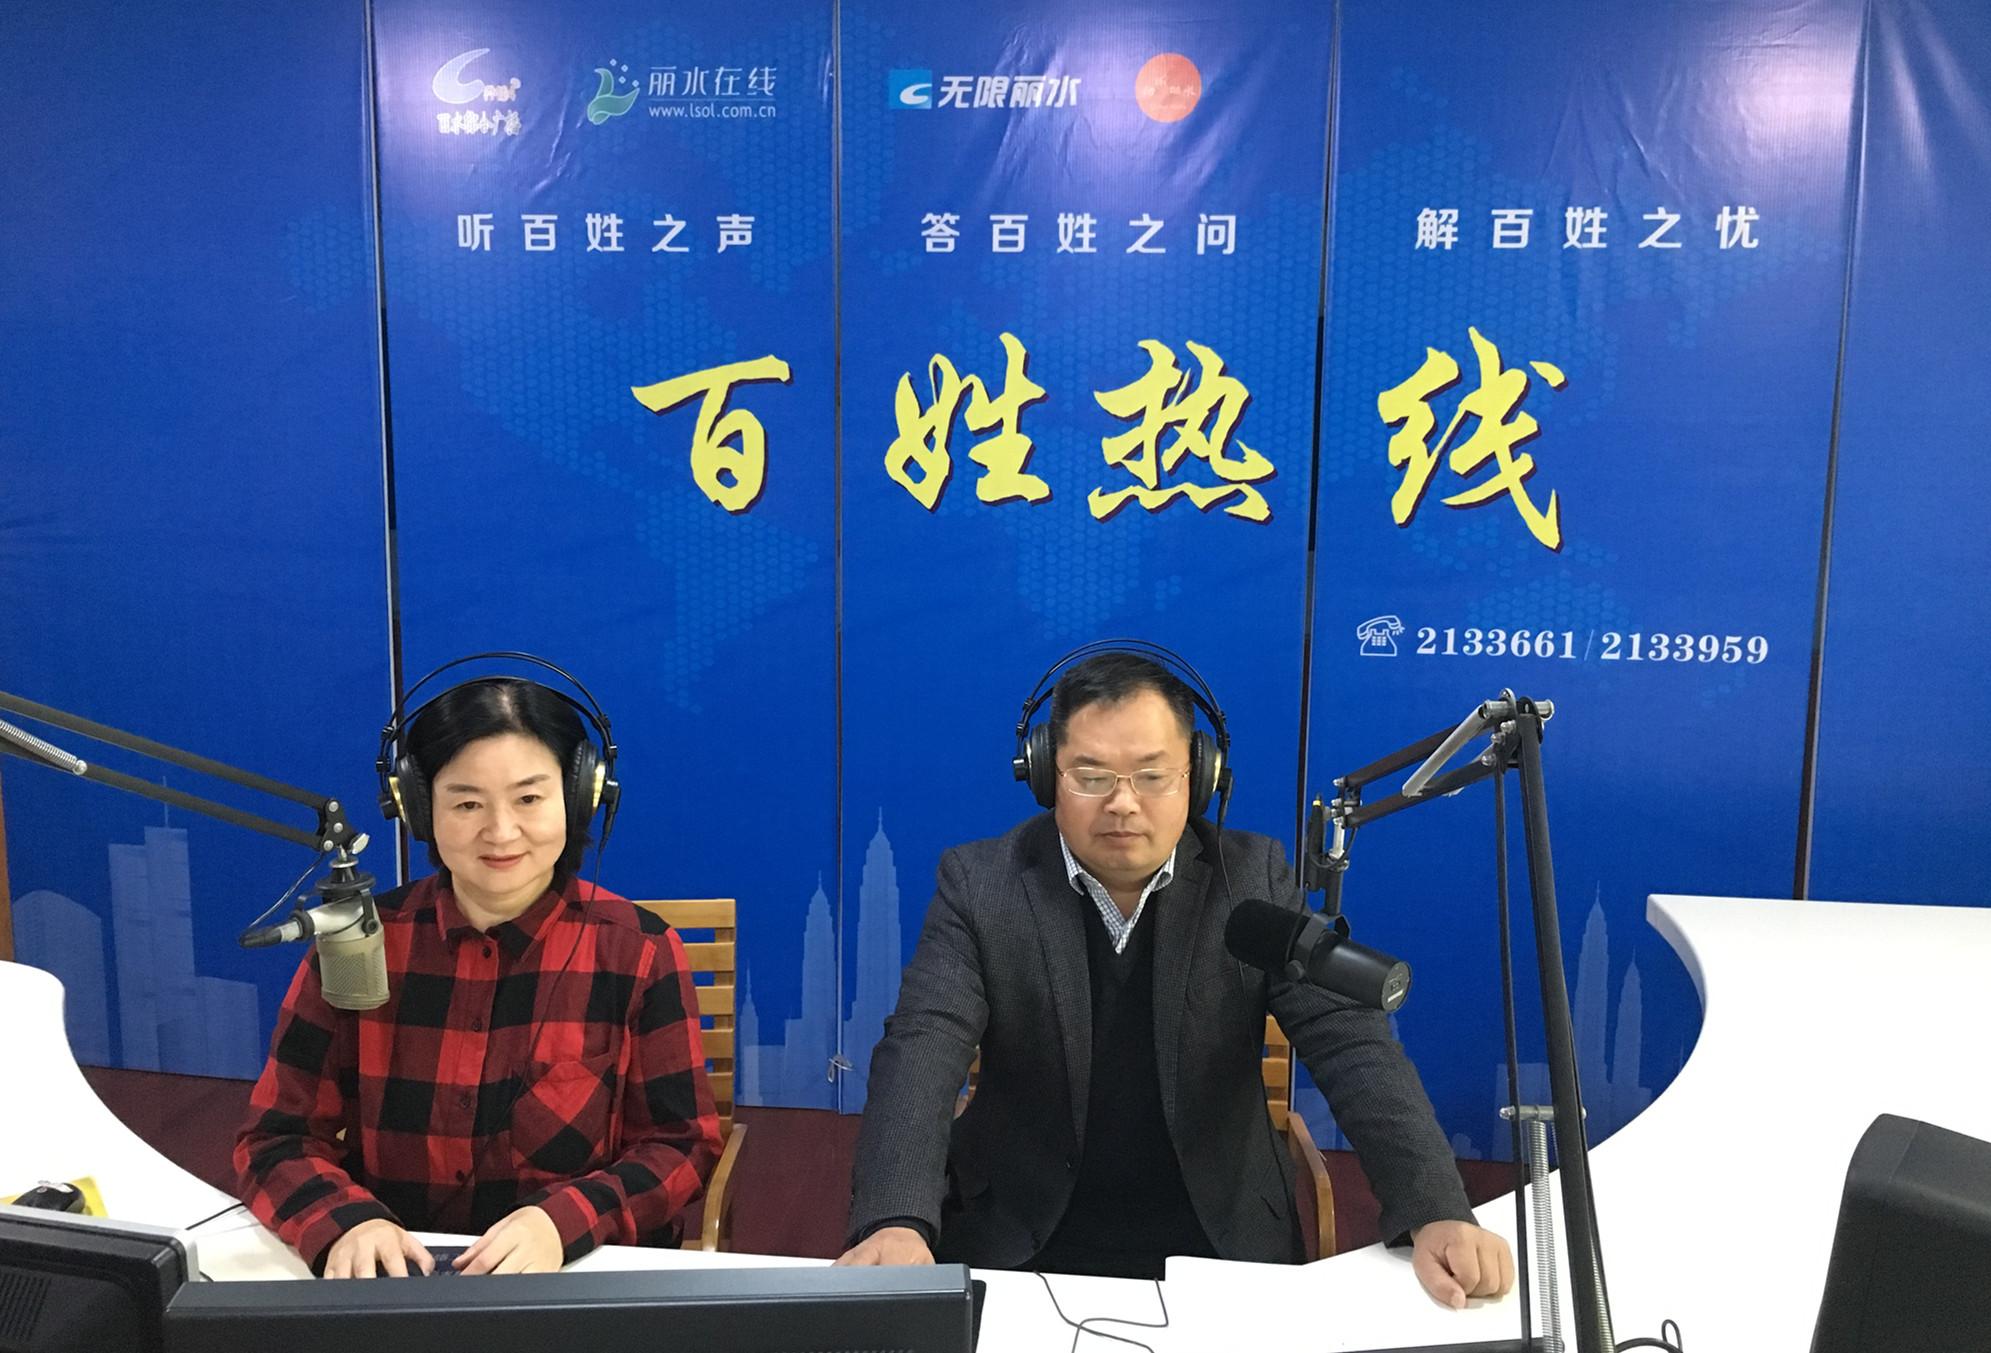 莲都区市场监督管理局 党组书记、局长 钟金亮